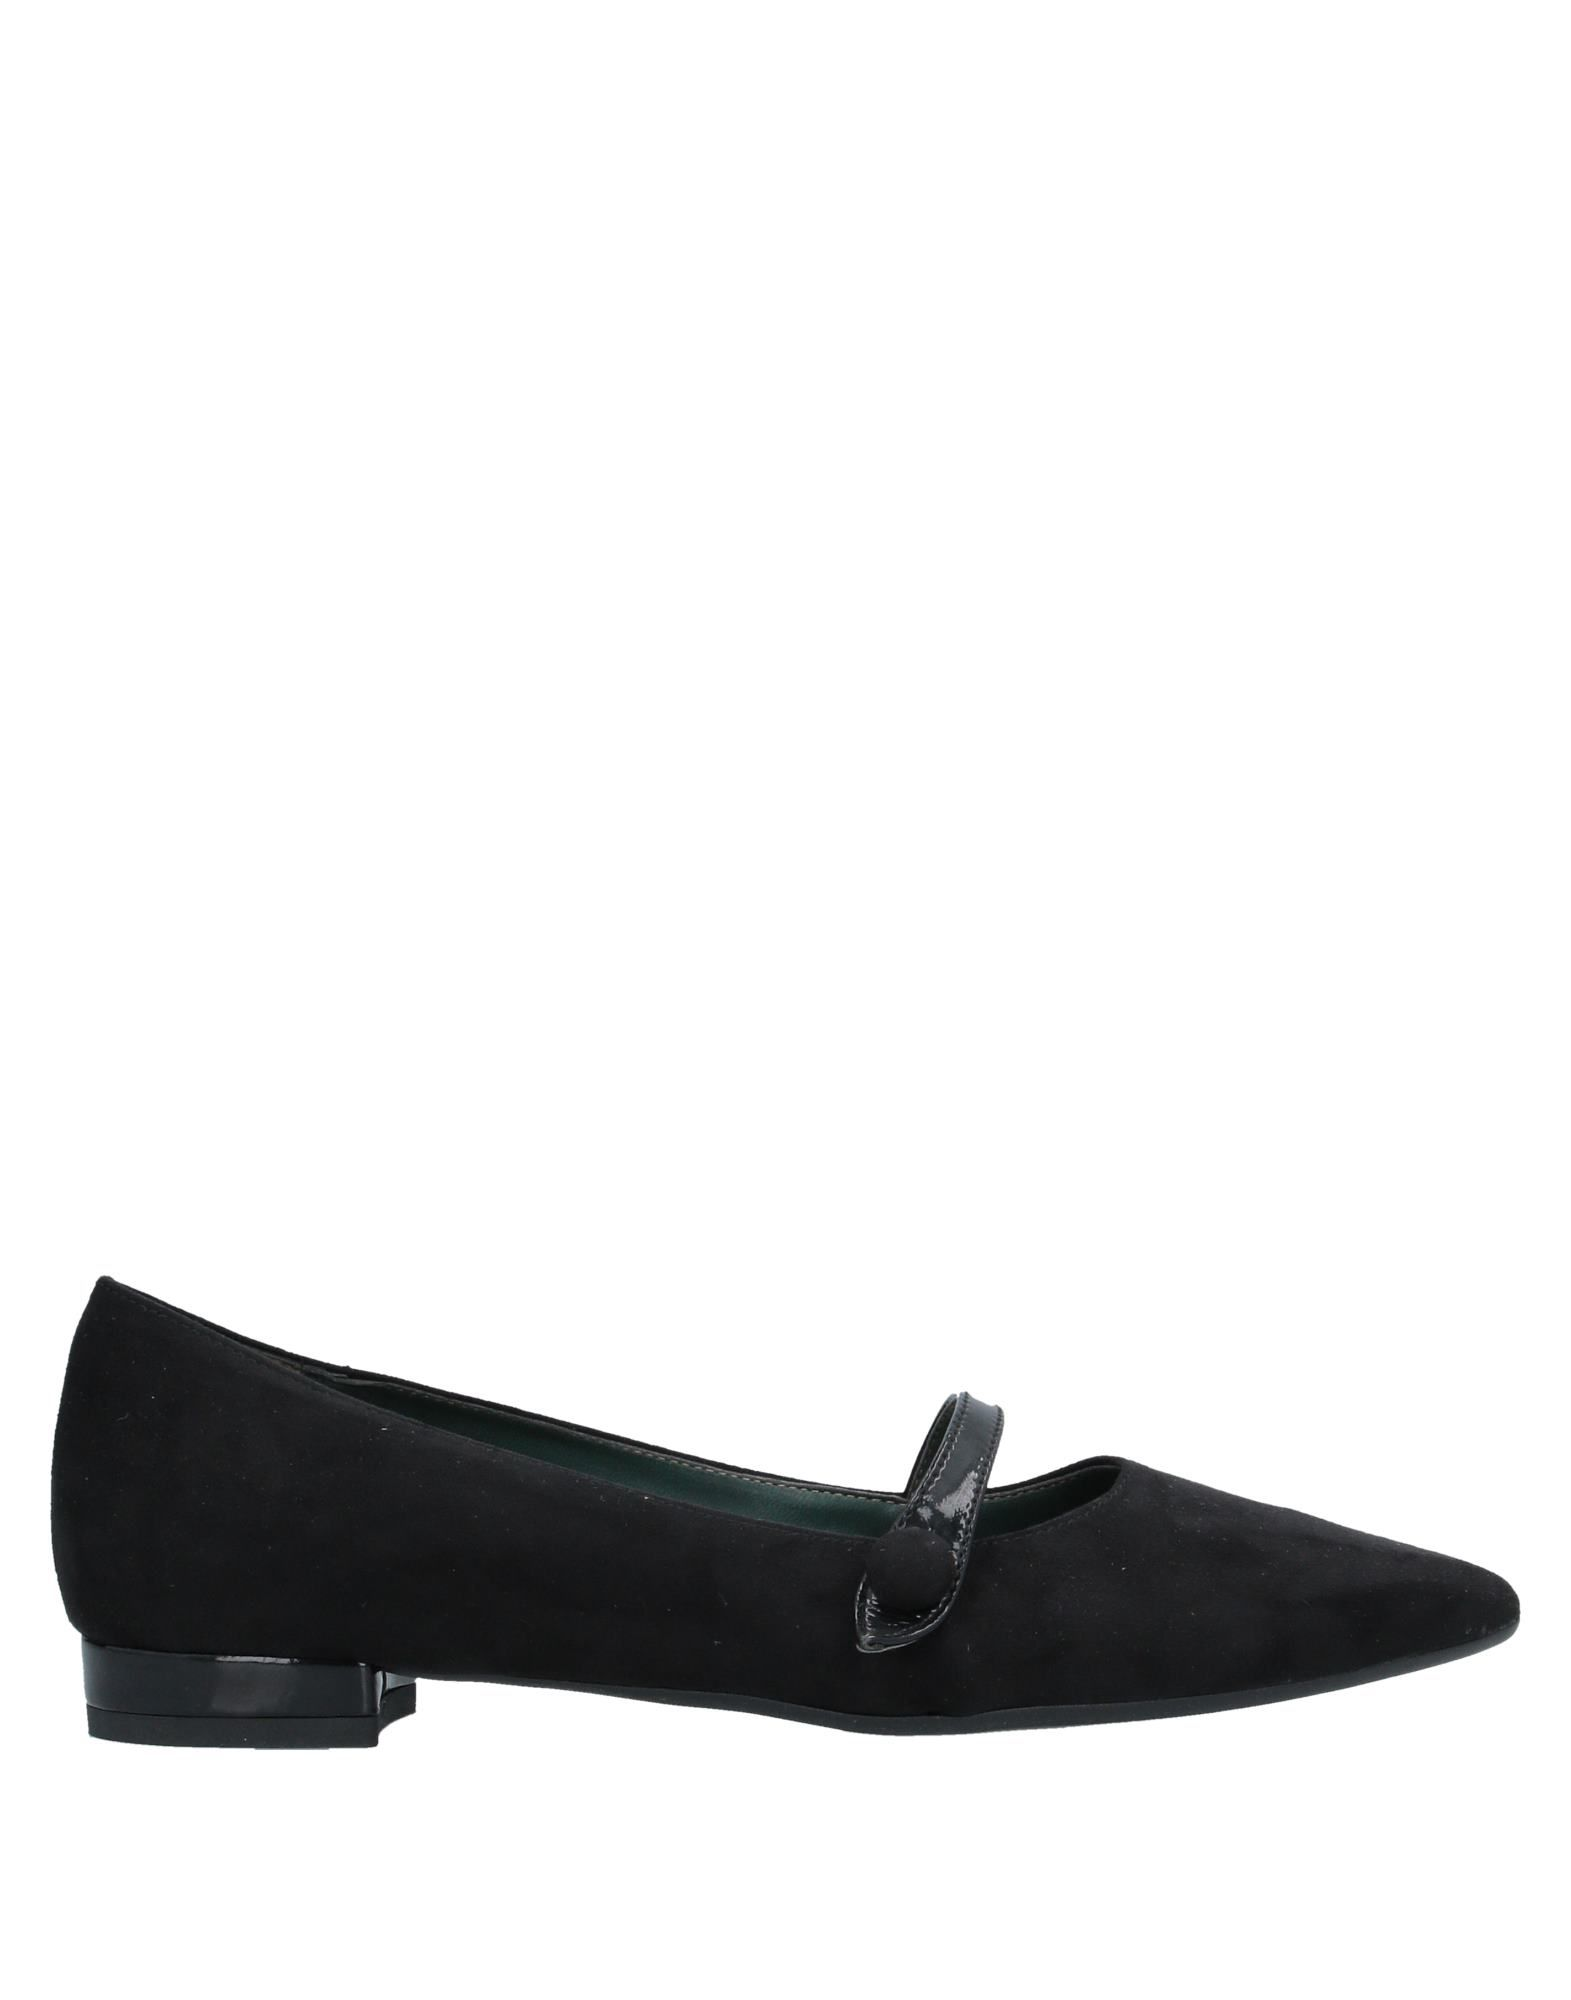 летняя мужская сандалии обувь